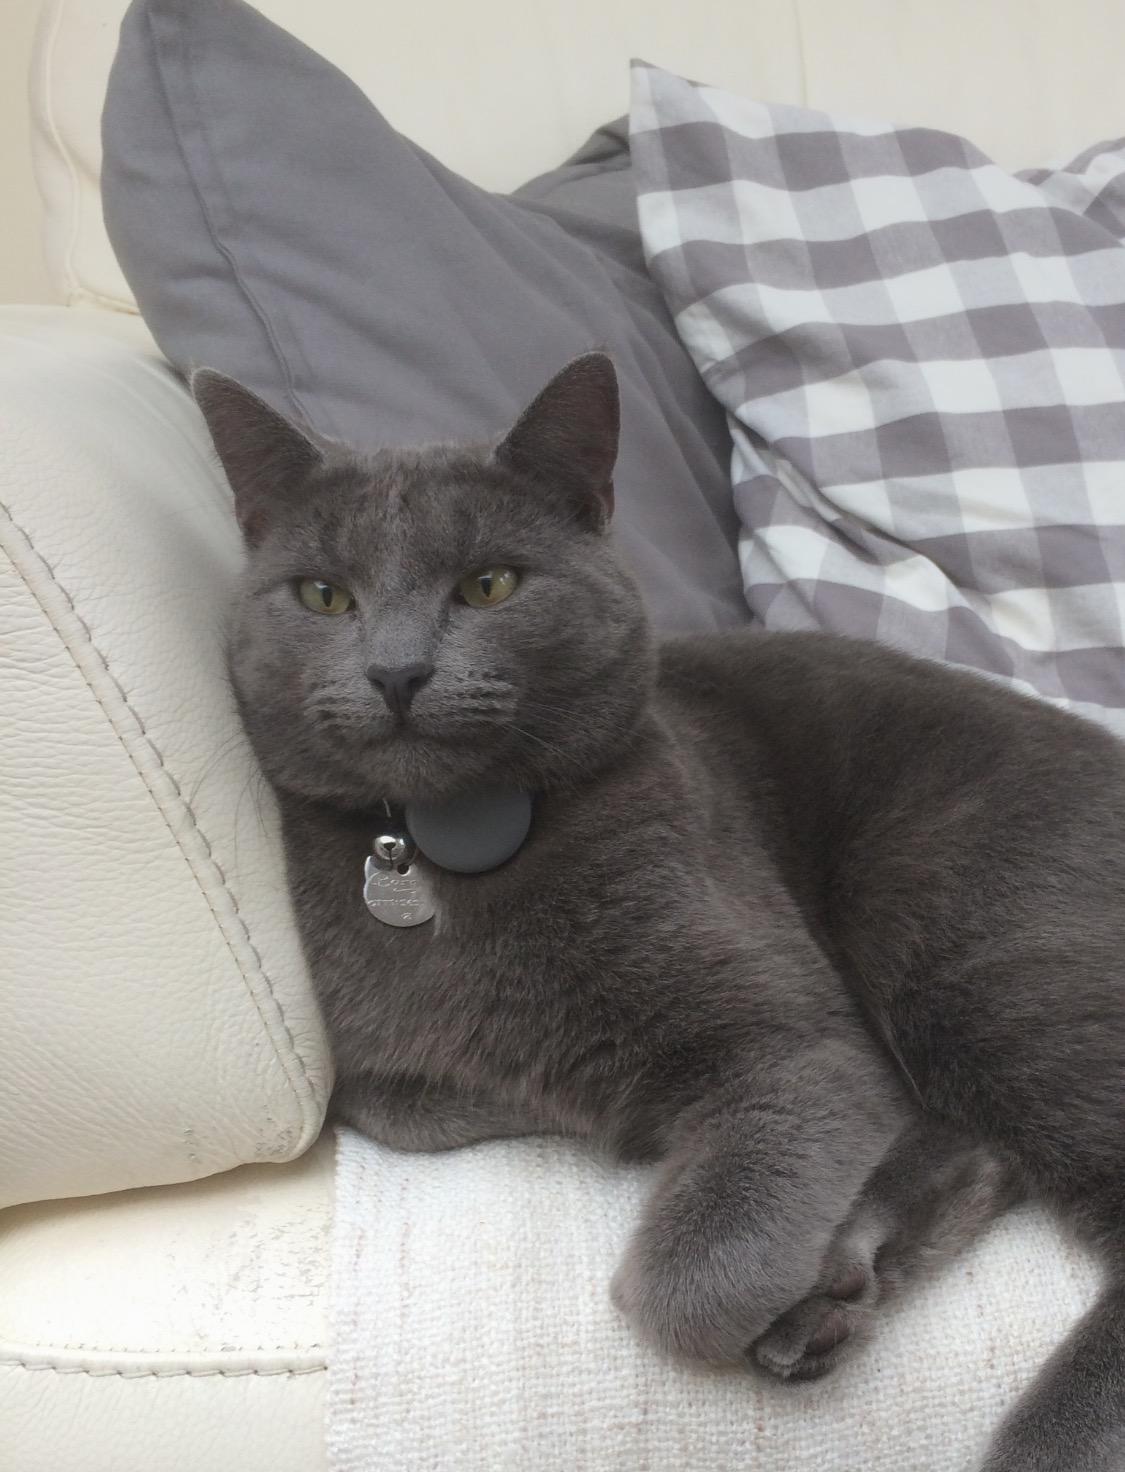 Helen's cat